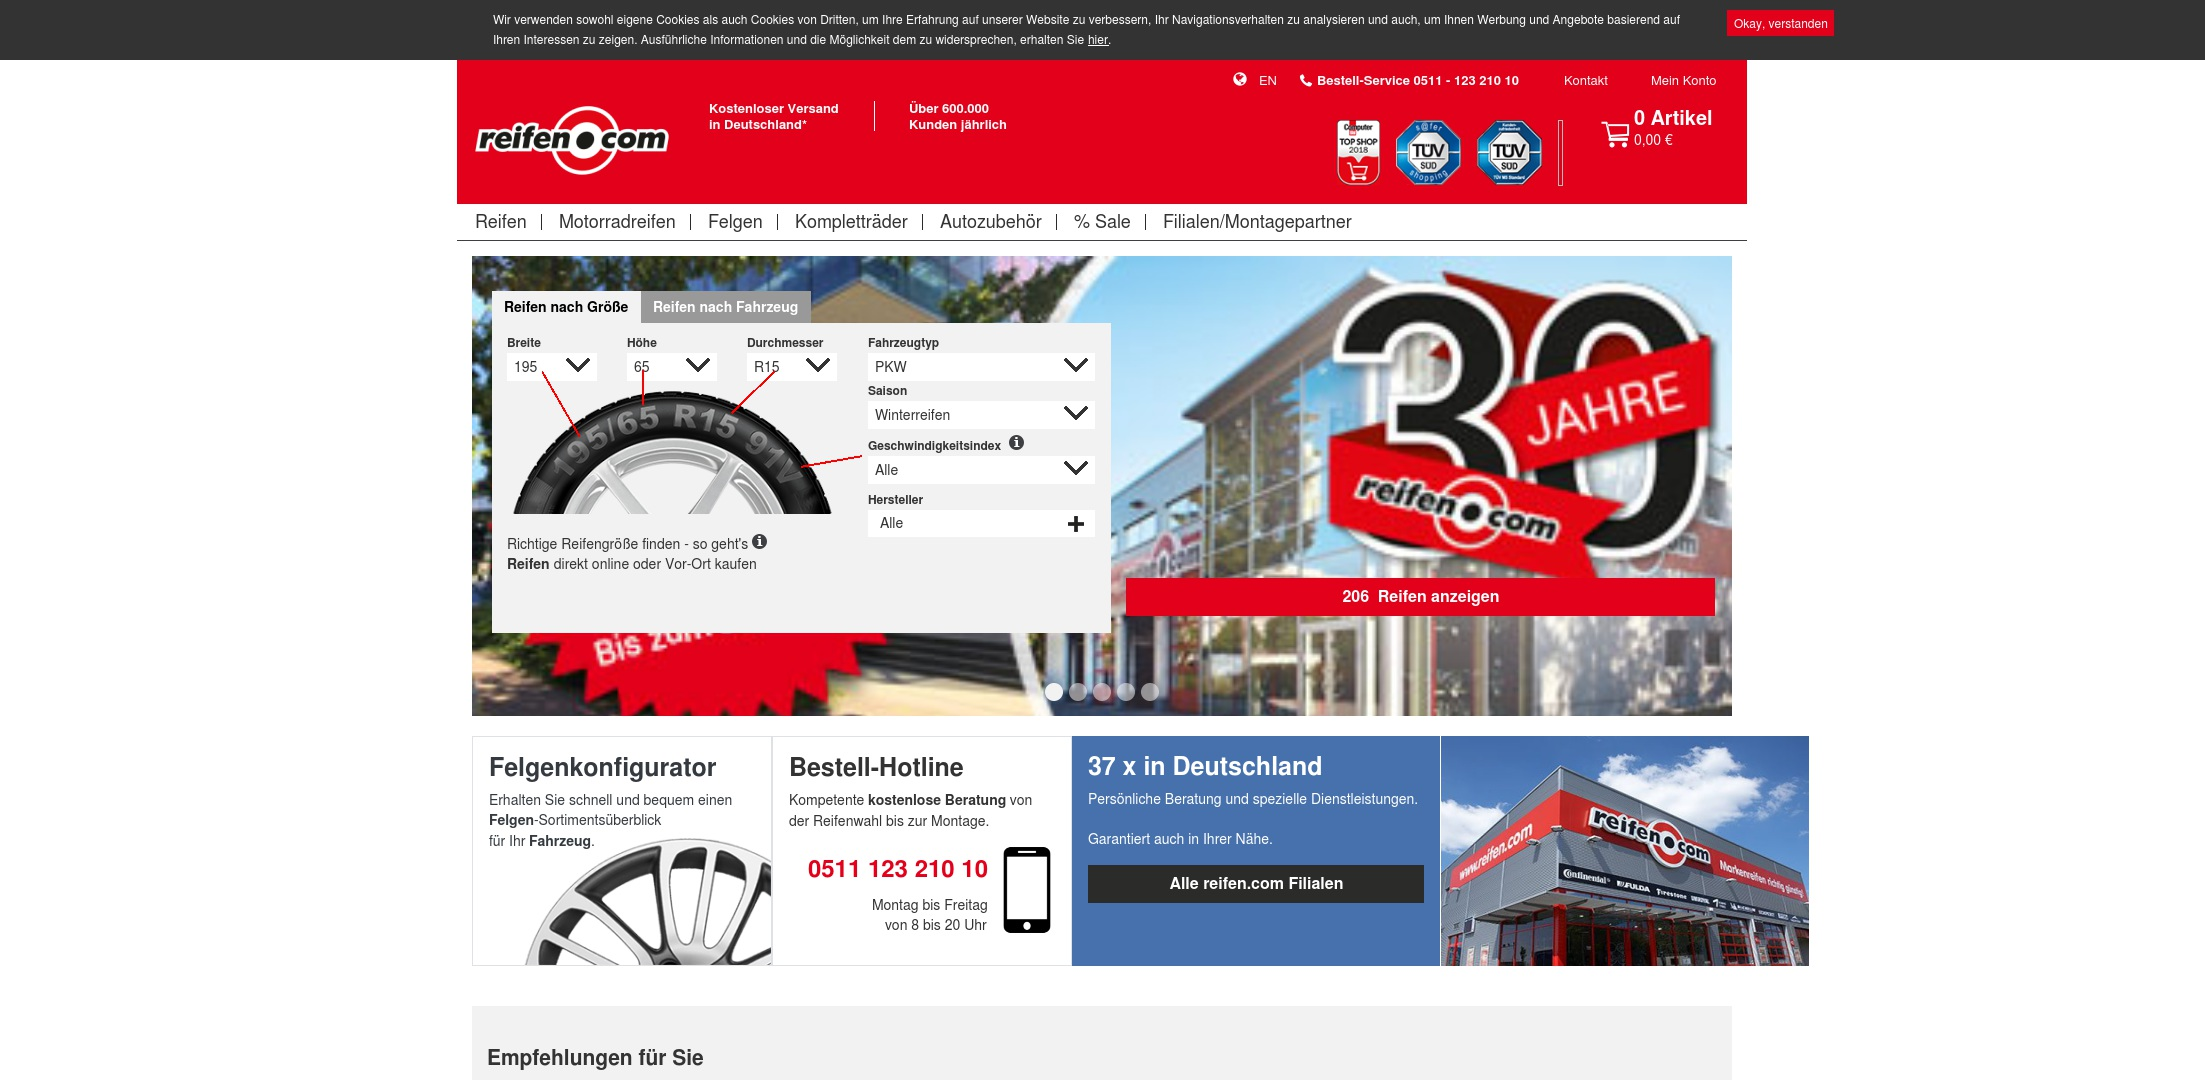 Geld zurück bei Reifen: Jetzt im April 2021 Cashback für Reifen sichern